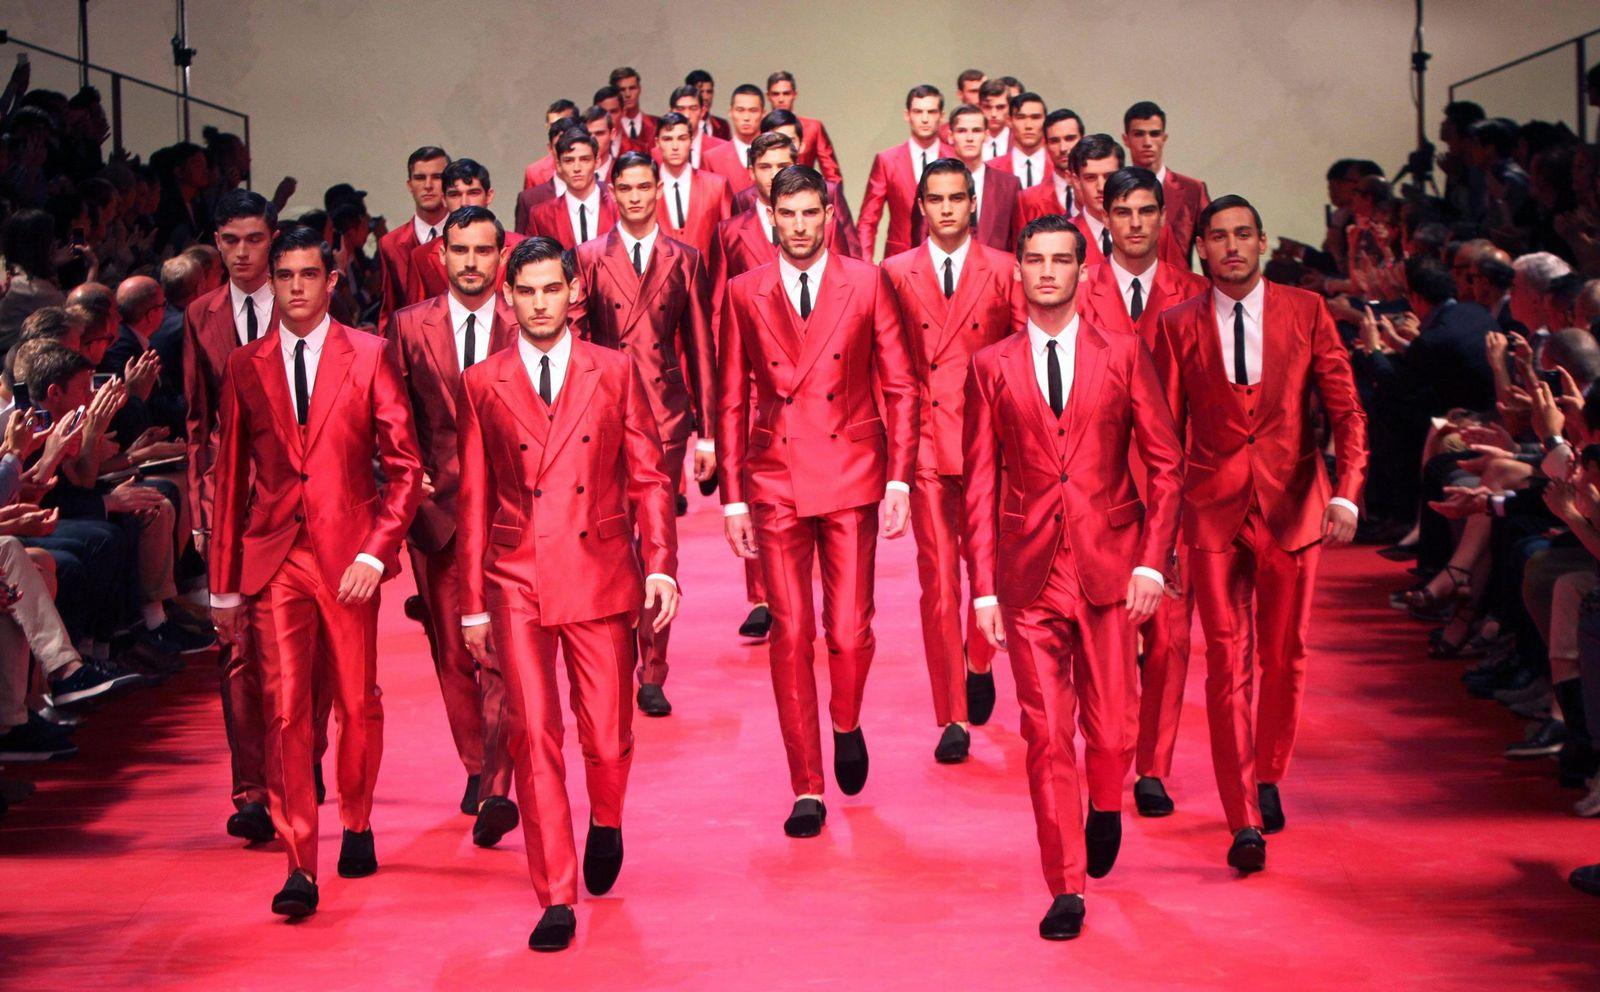 Männer in Rot